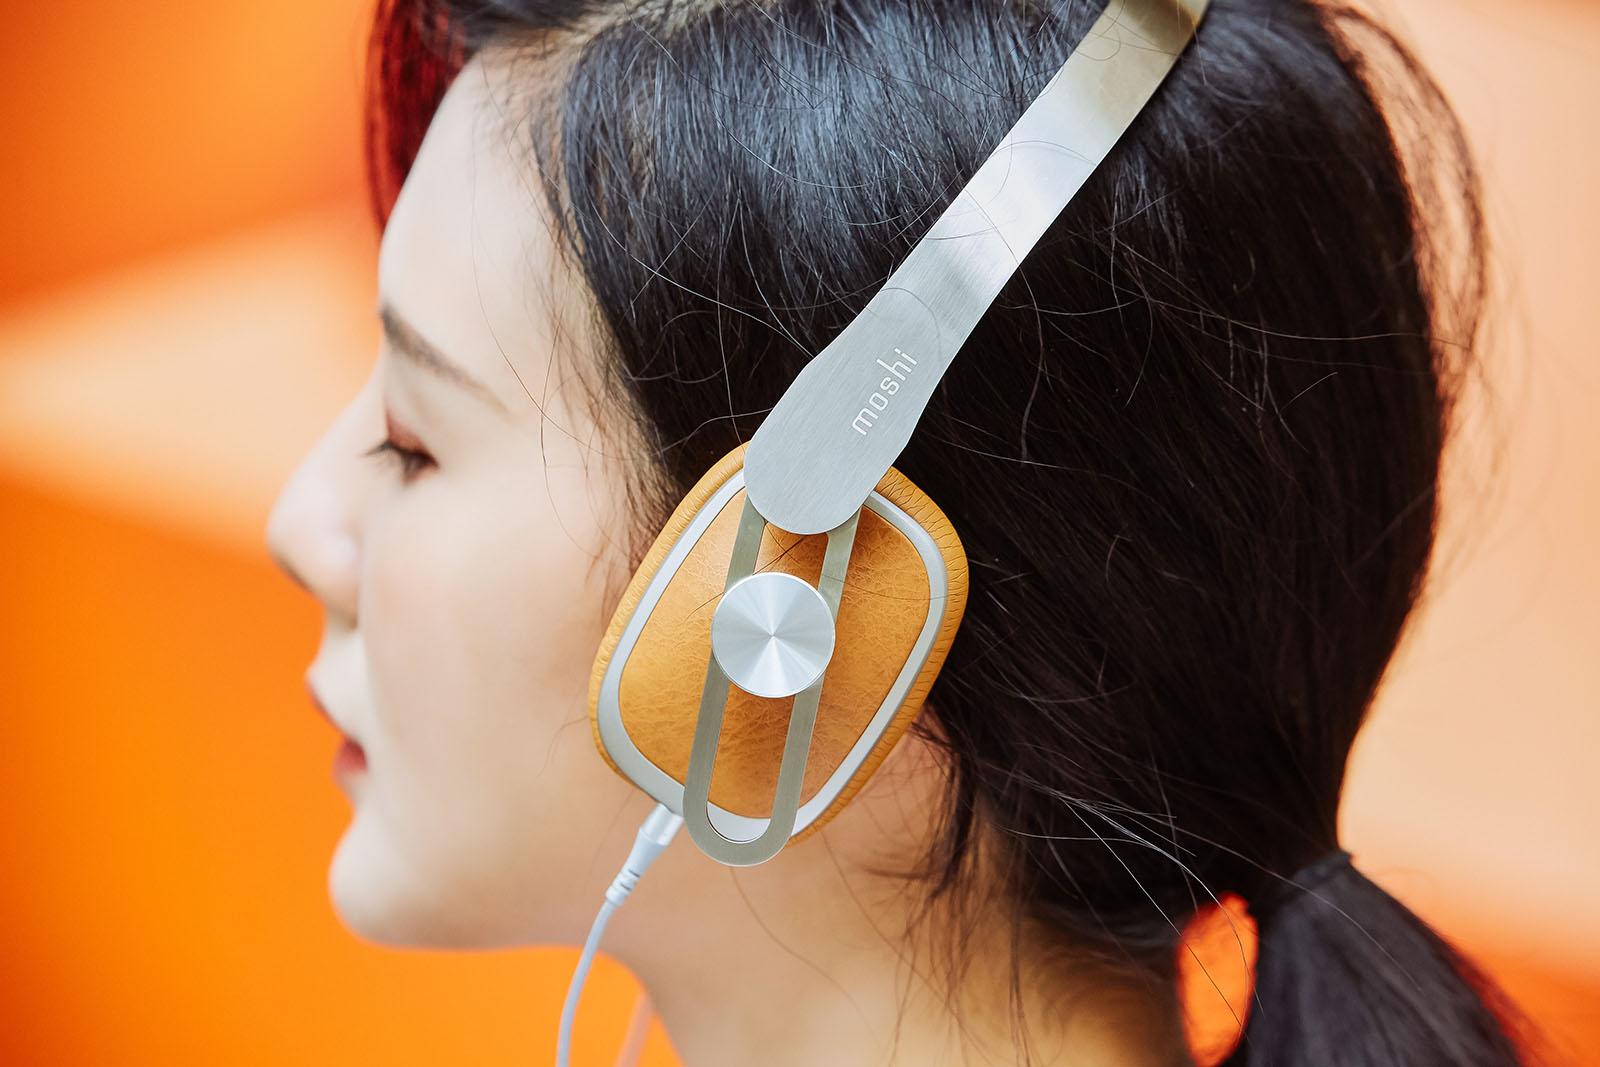 耳罩部份,特別採用相當耐看的環保皮革,該材質也經常在�美時裝上出現,不管是實際佩戴或隨意掛在頸間都能巧妙地為整體造型畫龍點睛。